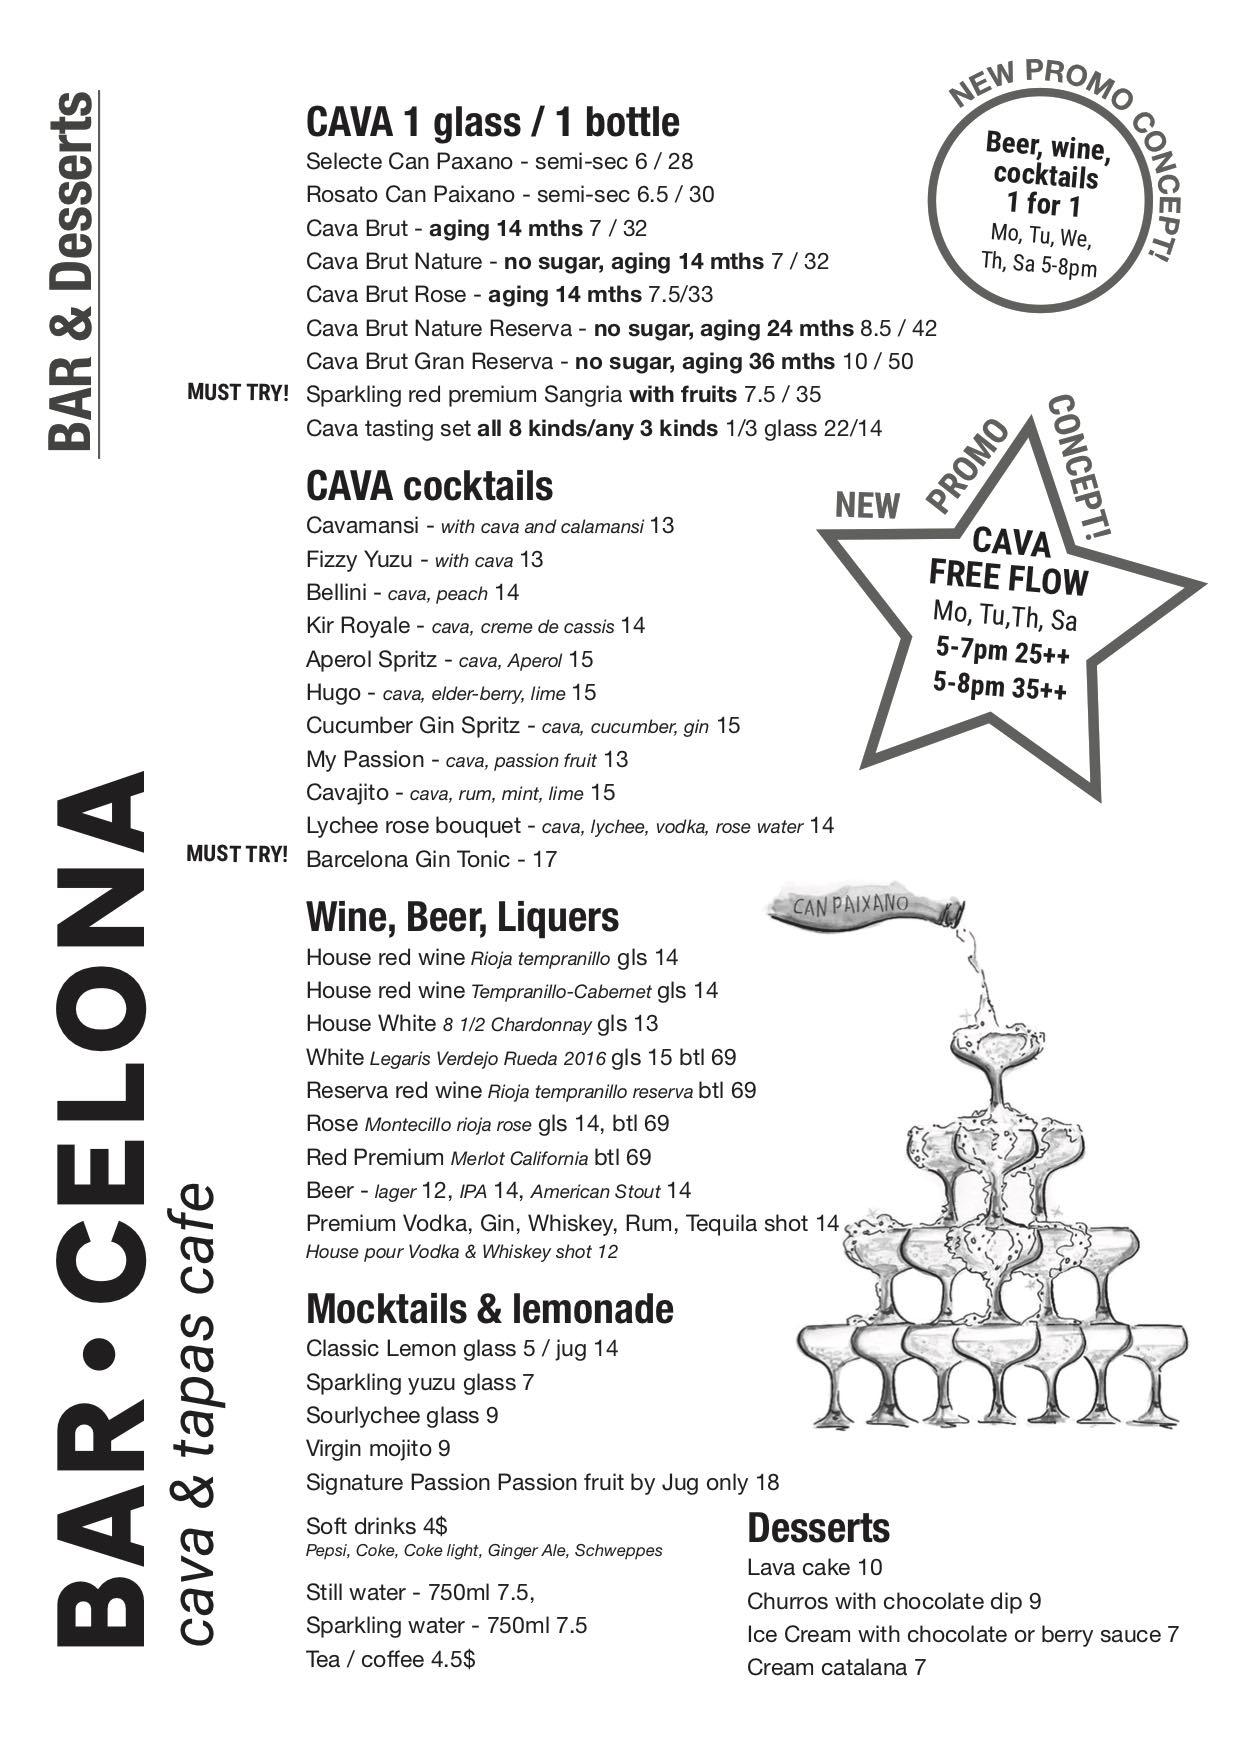 Bar.Celona menu